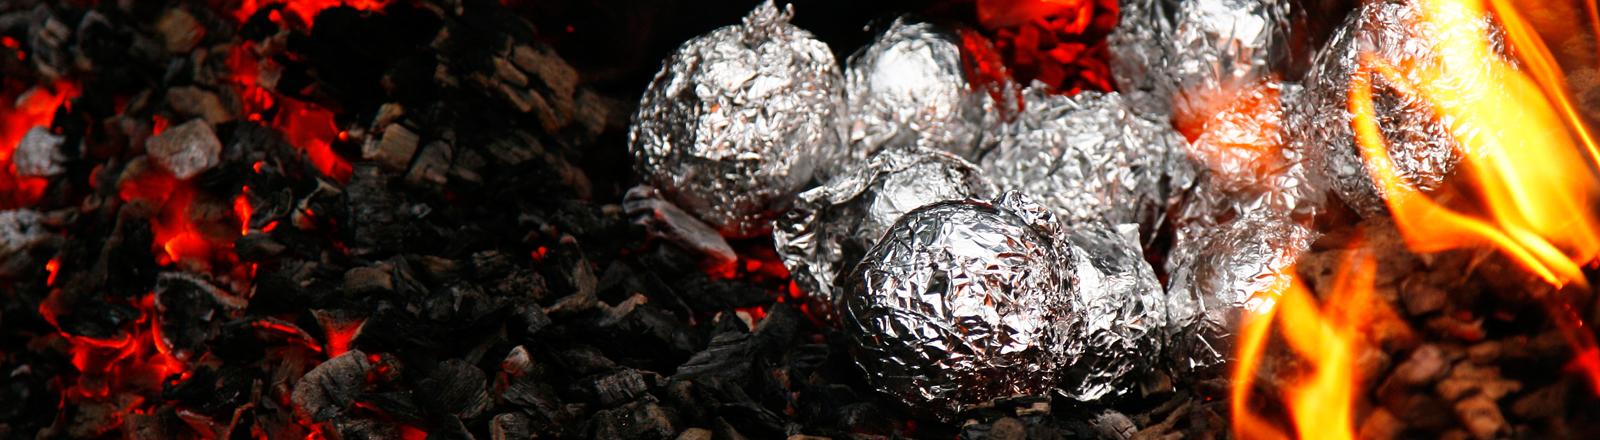 In Alufolie verpackte Kartoffeln liegen auf glühenden Kohlen.